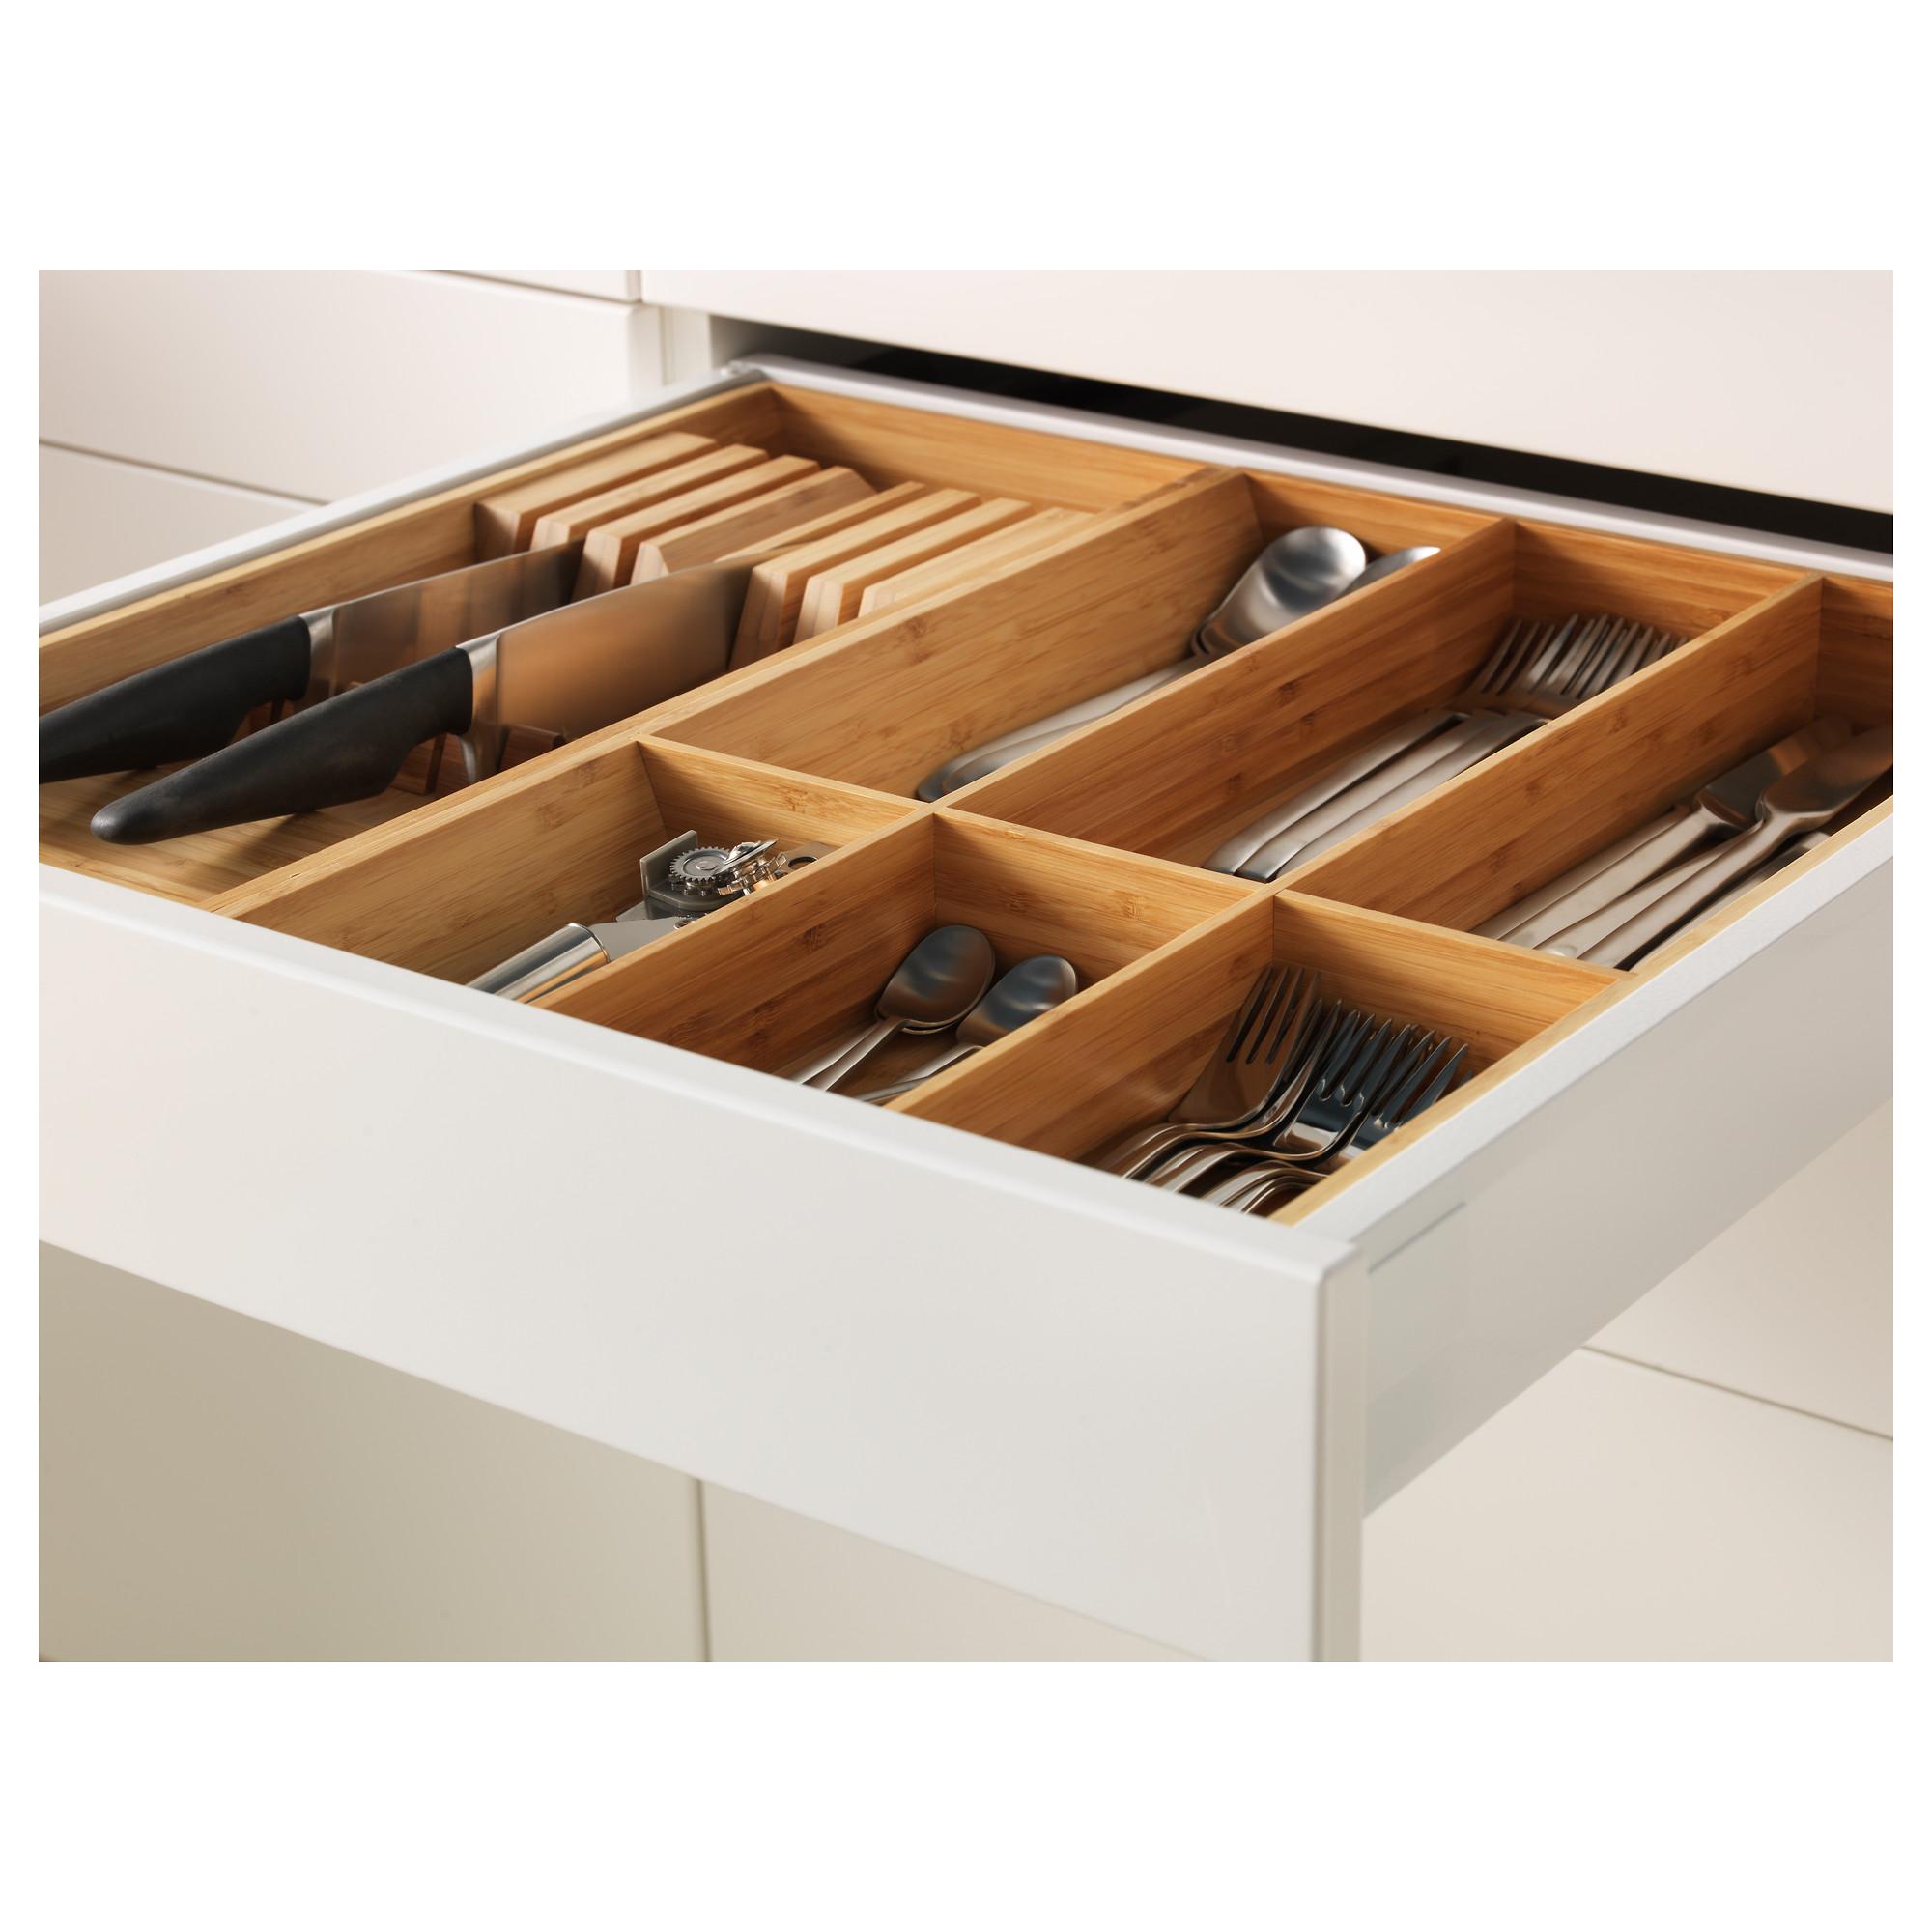 Высокий шкаф + полки, 5 ящиков, 2 дверцы, 2 фронтальных МЕТОД / МАКСИМЕРА черный артикуль № 592.315.84 в наличии. Онлайн магазин IKEA Беларусь. Быстрая доставка и установка.